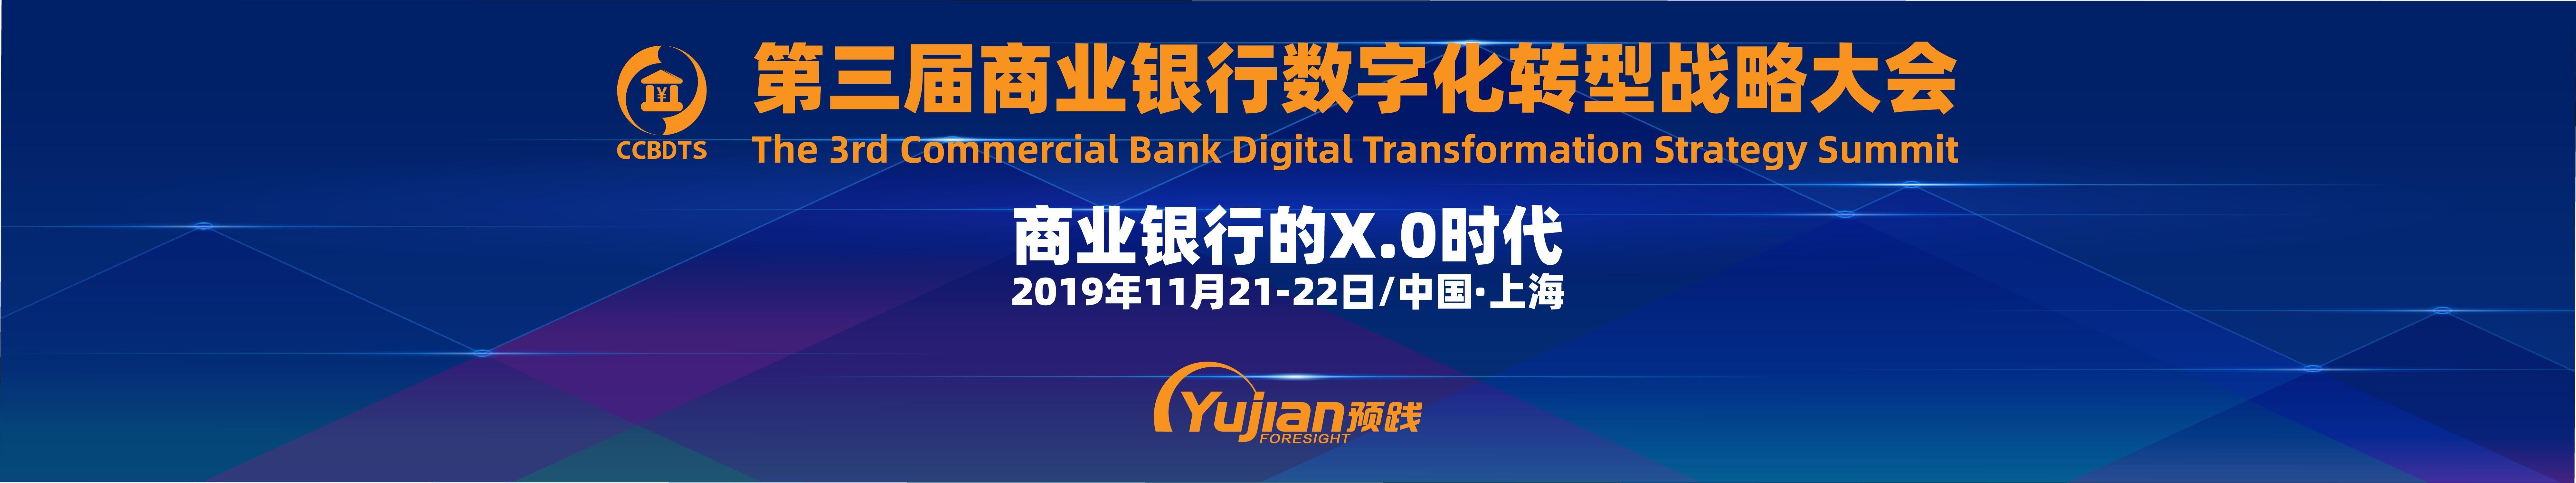 2019第三屆商業銀行數字化轉型戰略大會(上海)